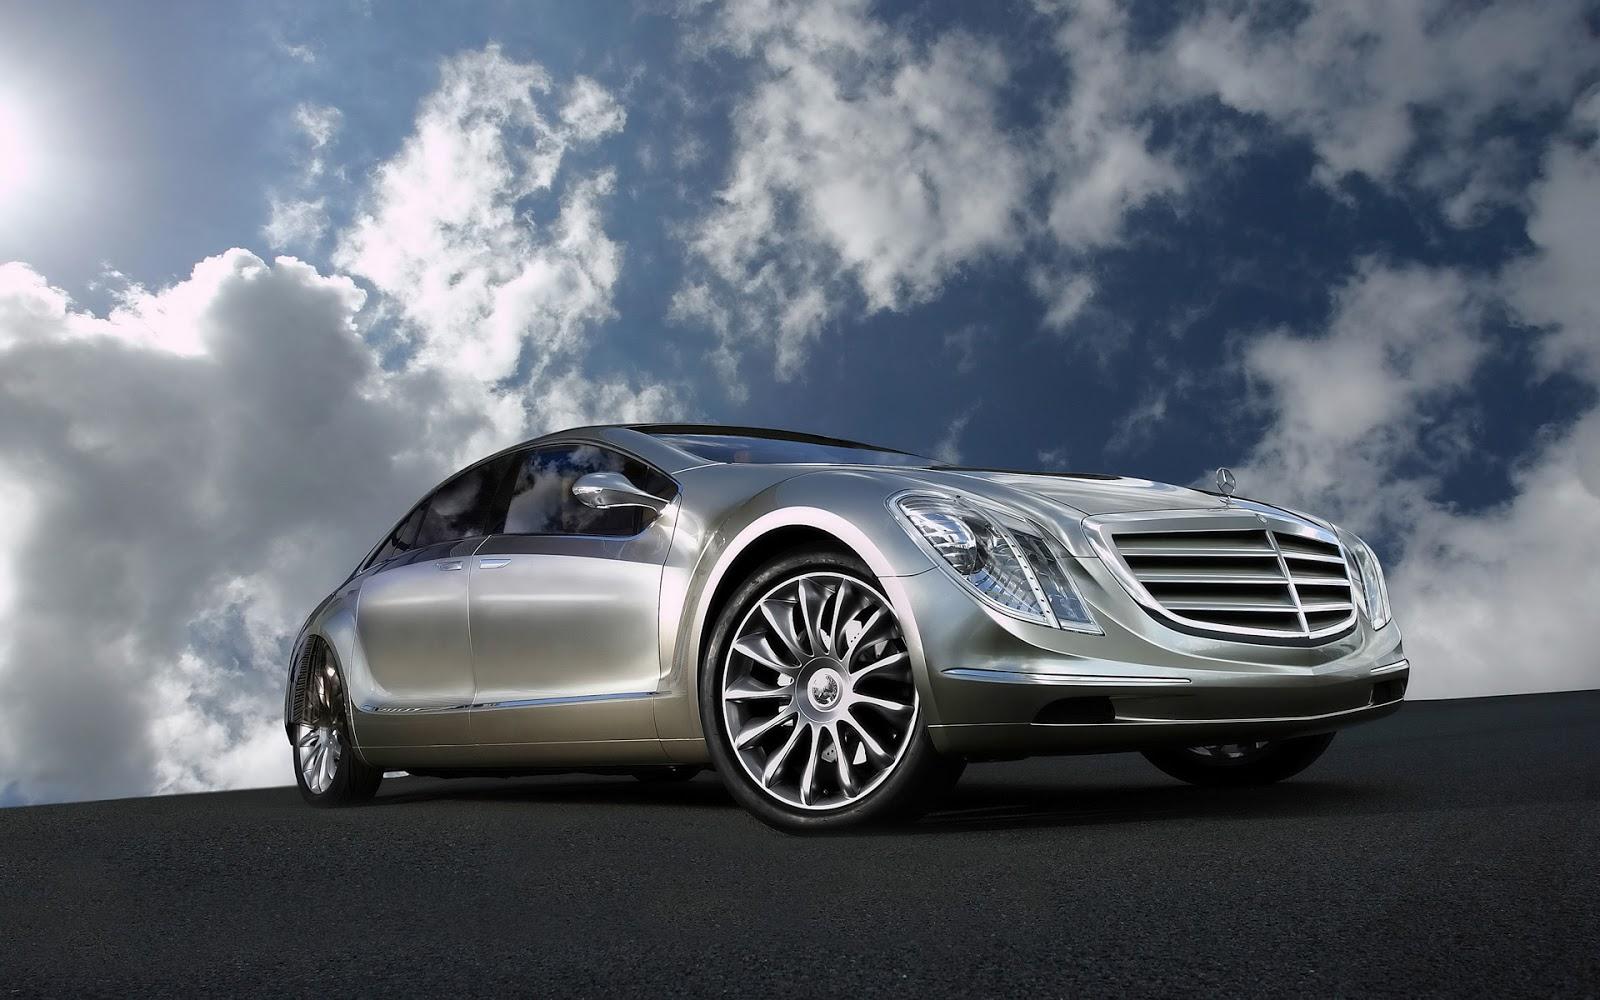 http://3.bp.blogspot.com/-2bfMfIyM7Yo/UQQjU9QFrNI/AAAAAAAAAt8/Q8O8Kpx4NJ4/s1600/Mercedes+AMG+Wallpaper+HD.jpg